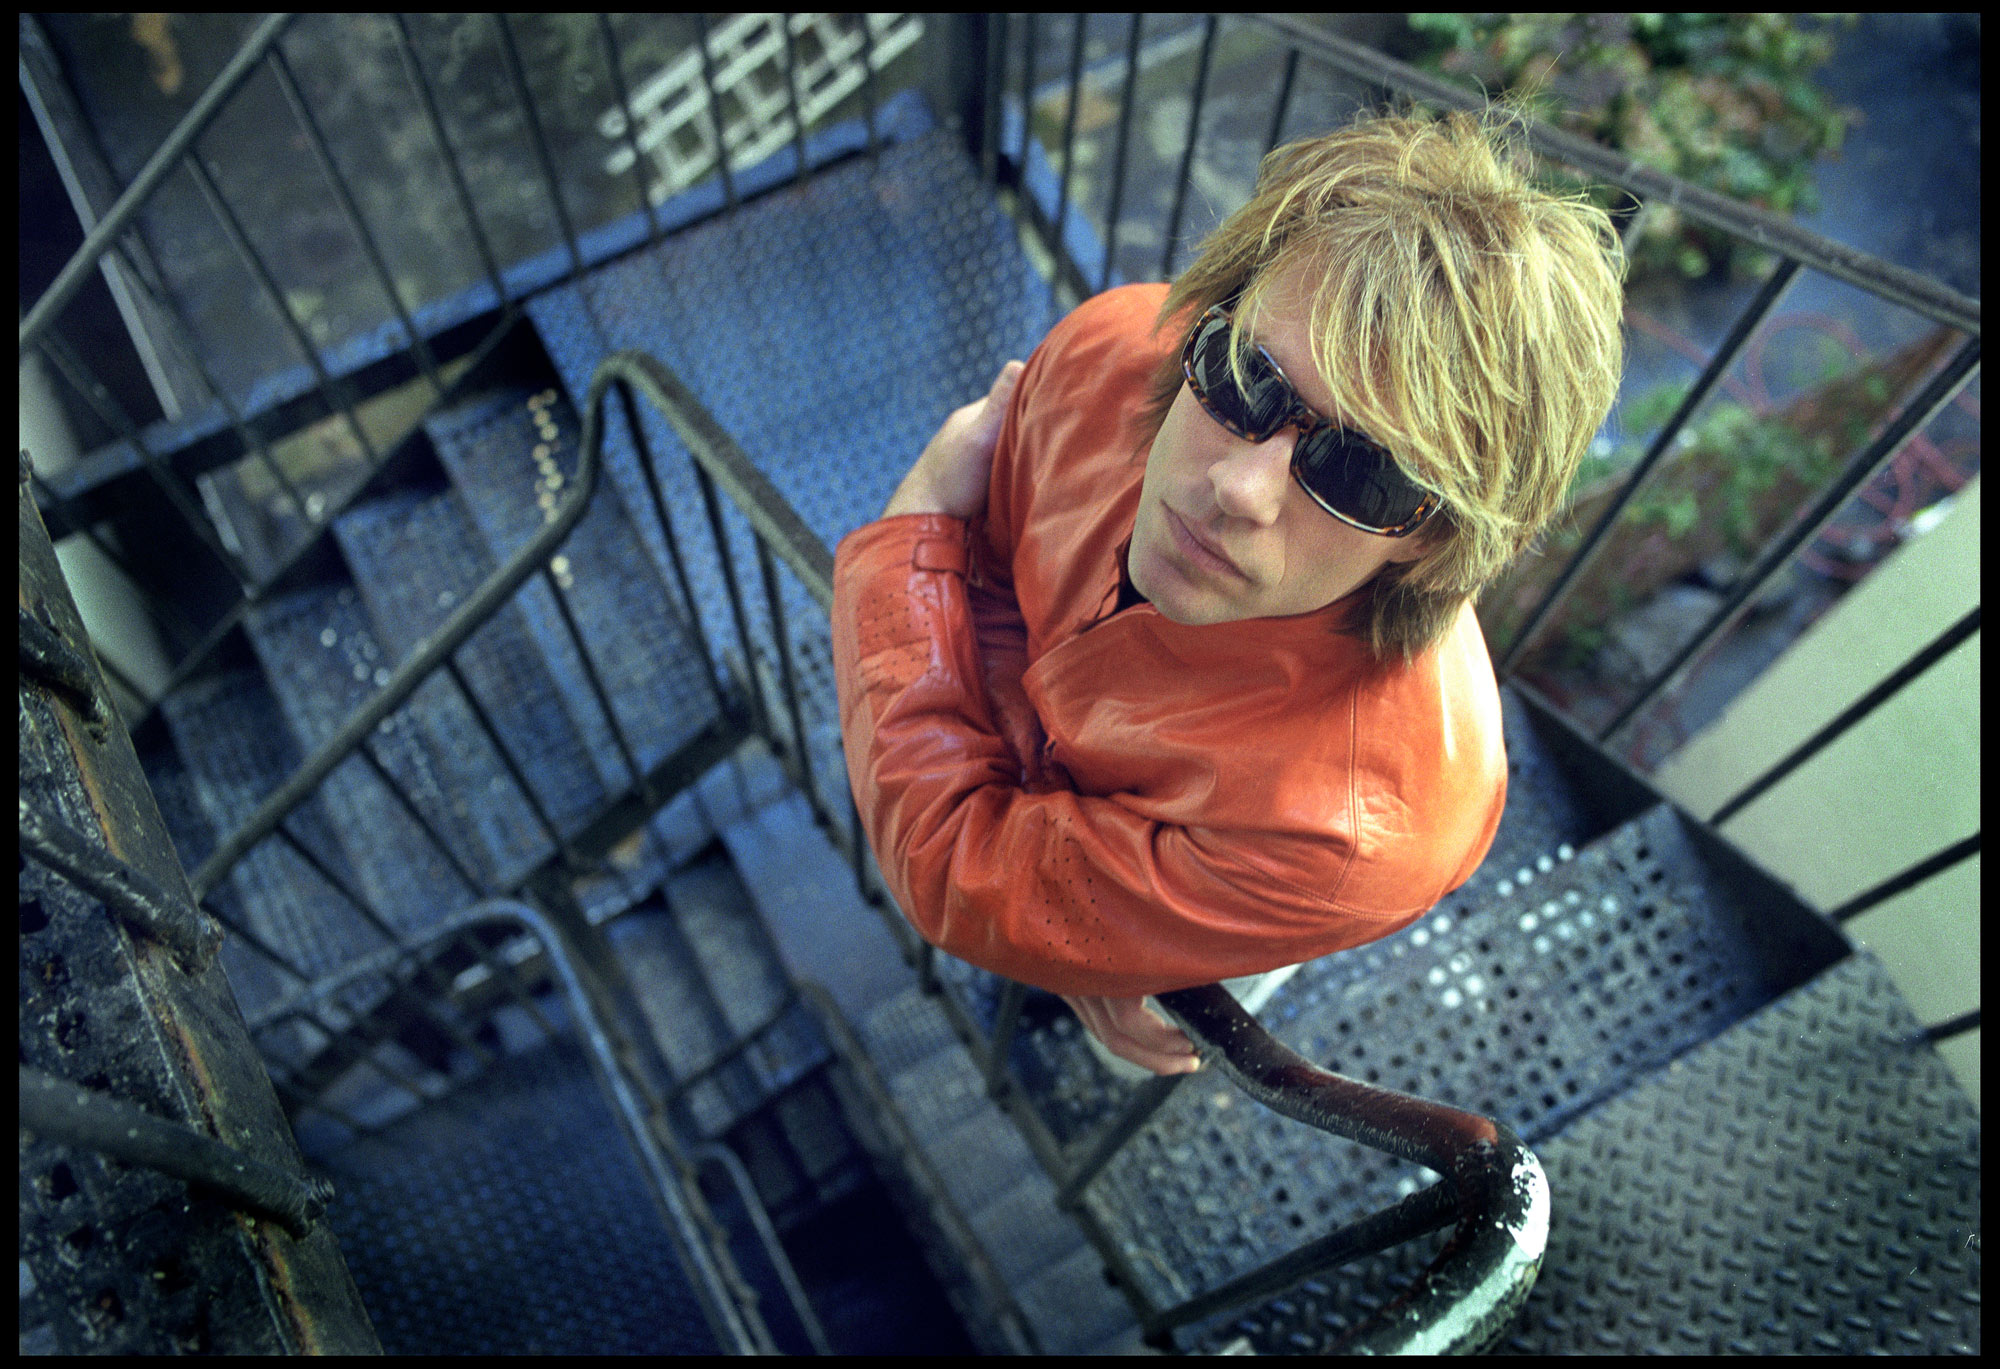 Jon Bon Jovi, musician